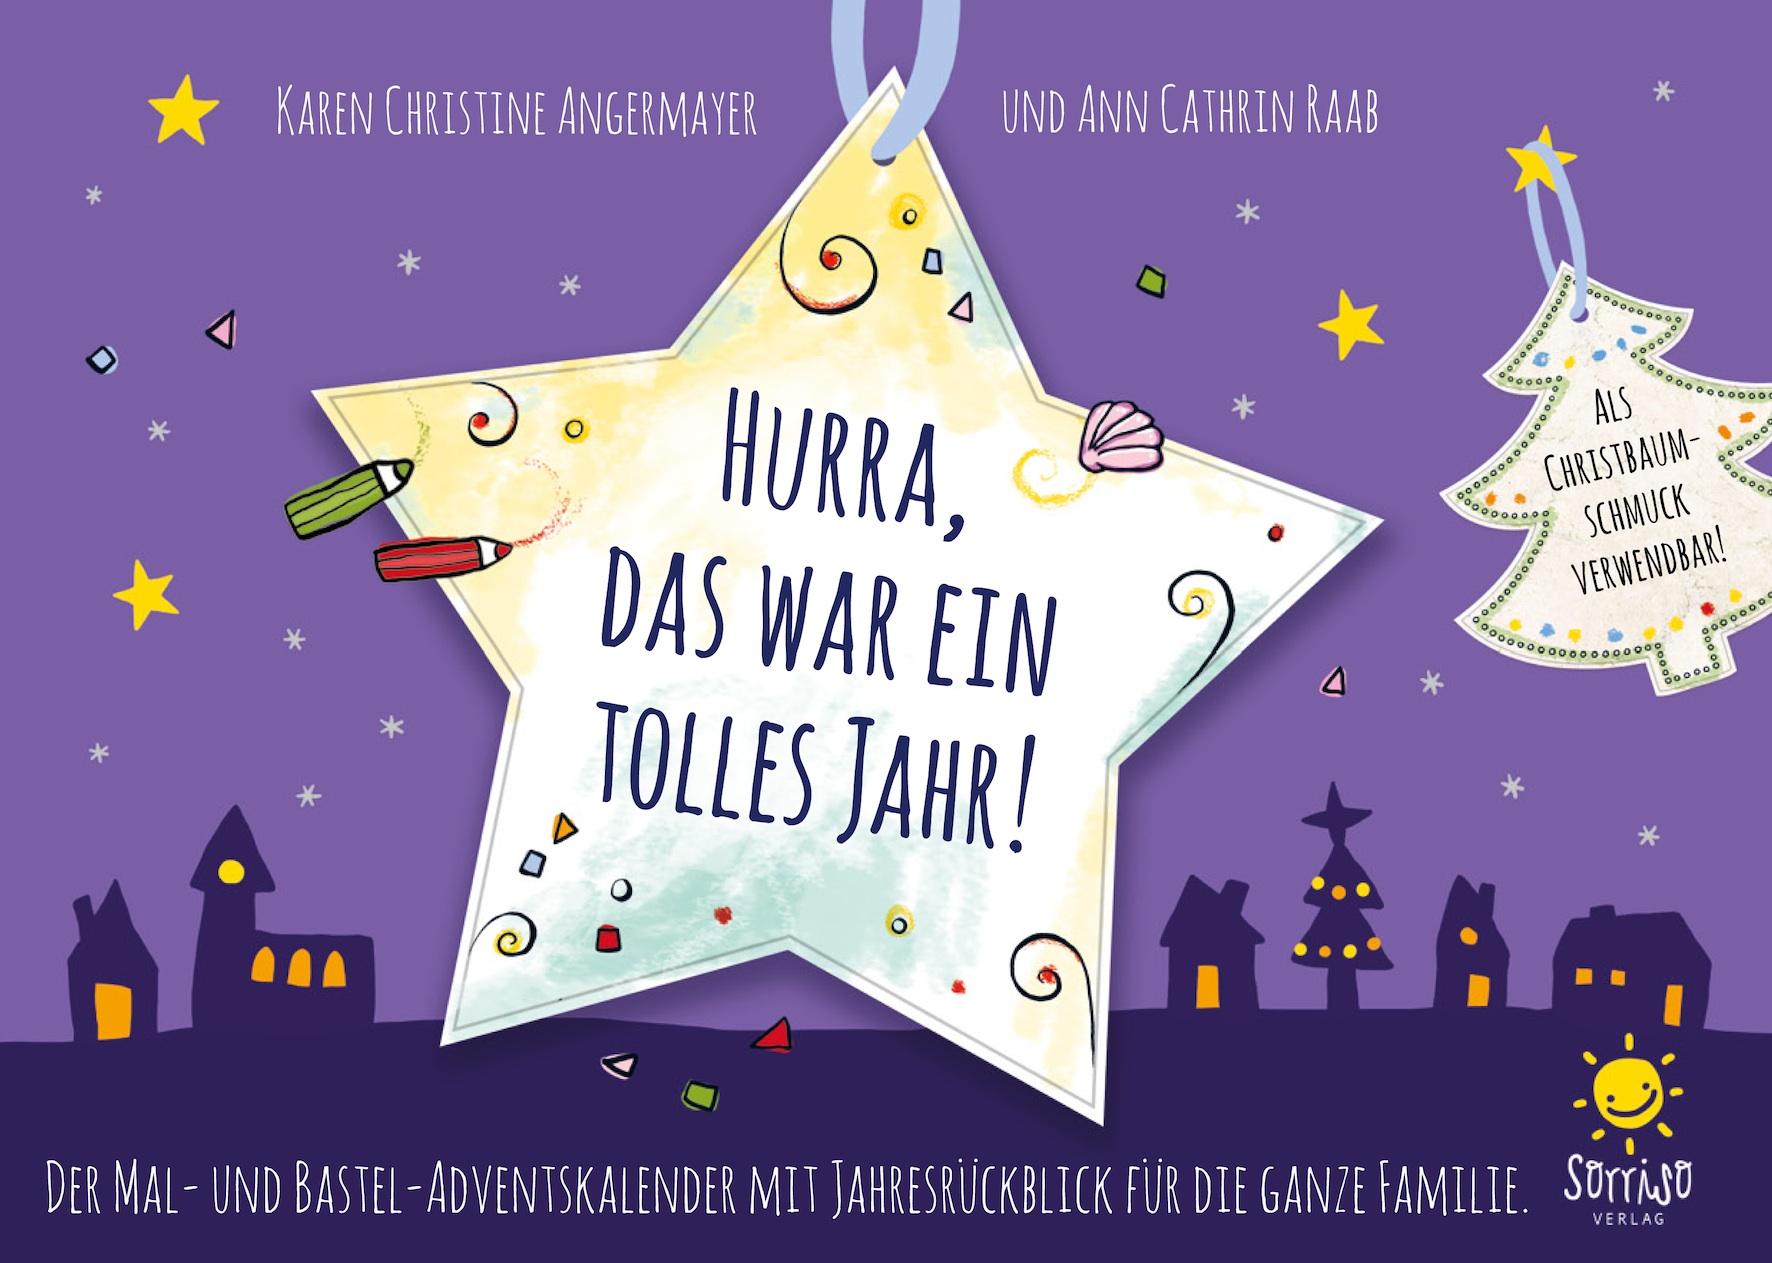 Hurra, das war ein tolles Jahr! von Karen Christine Angermayer Ann ...